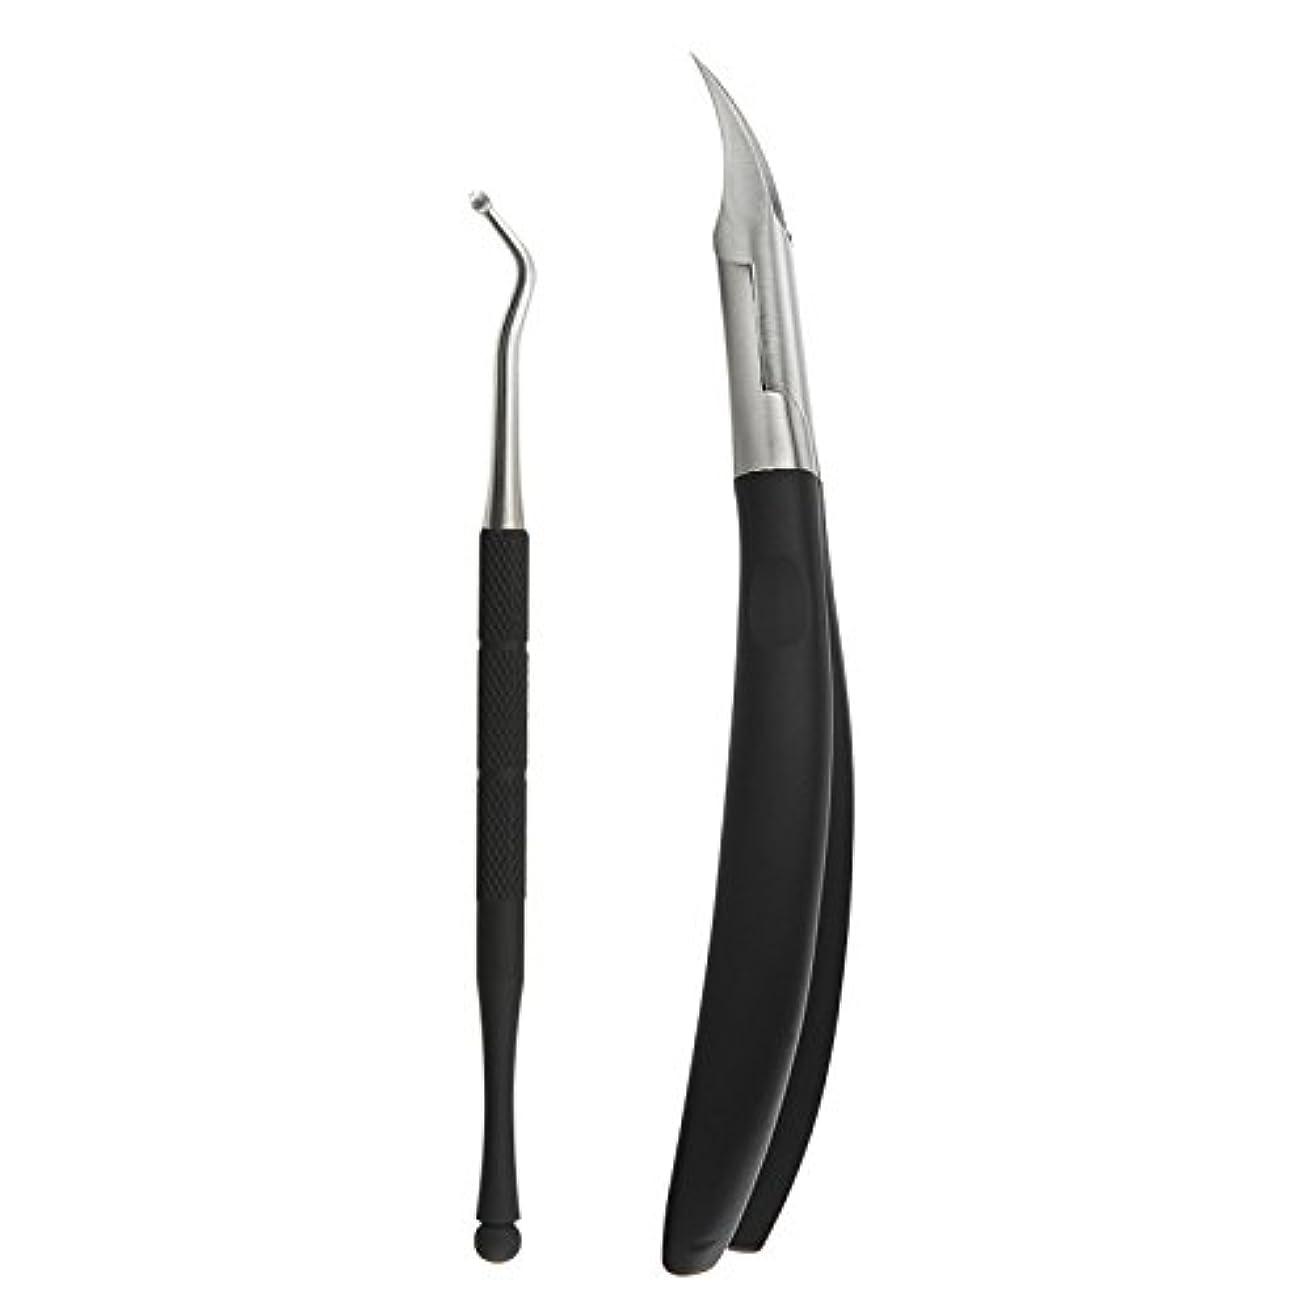 価値おいしいクローンMoontay 2PCS 爪切り ニッパー 足 ブラック ステンレス製 足の手入れ (ブラック)